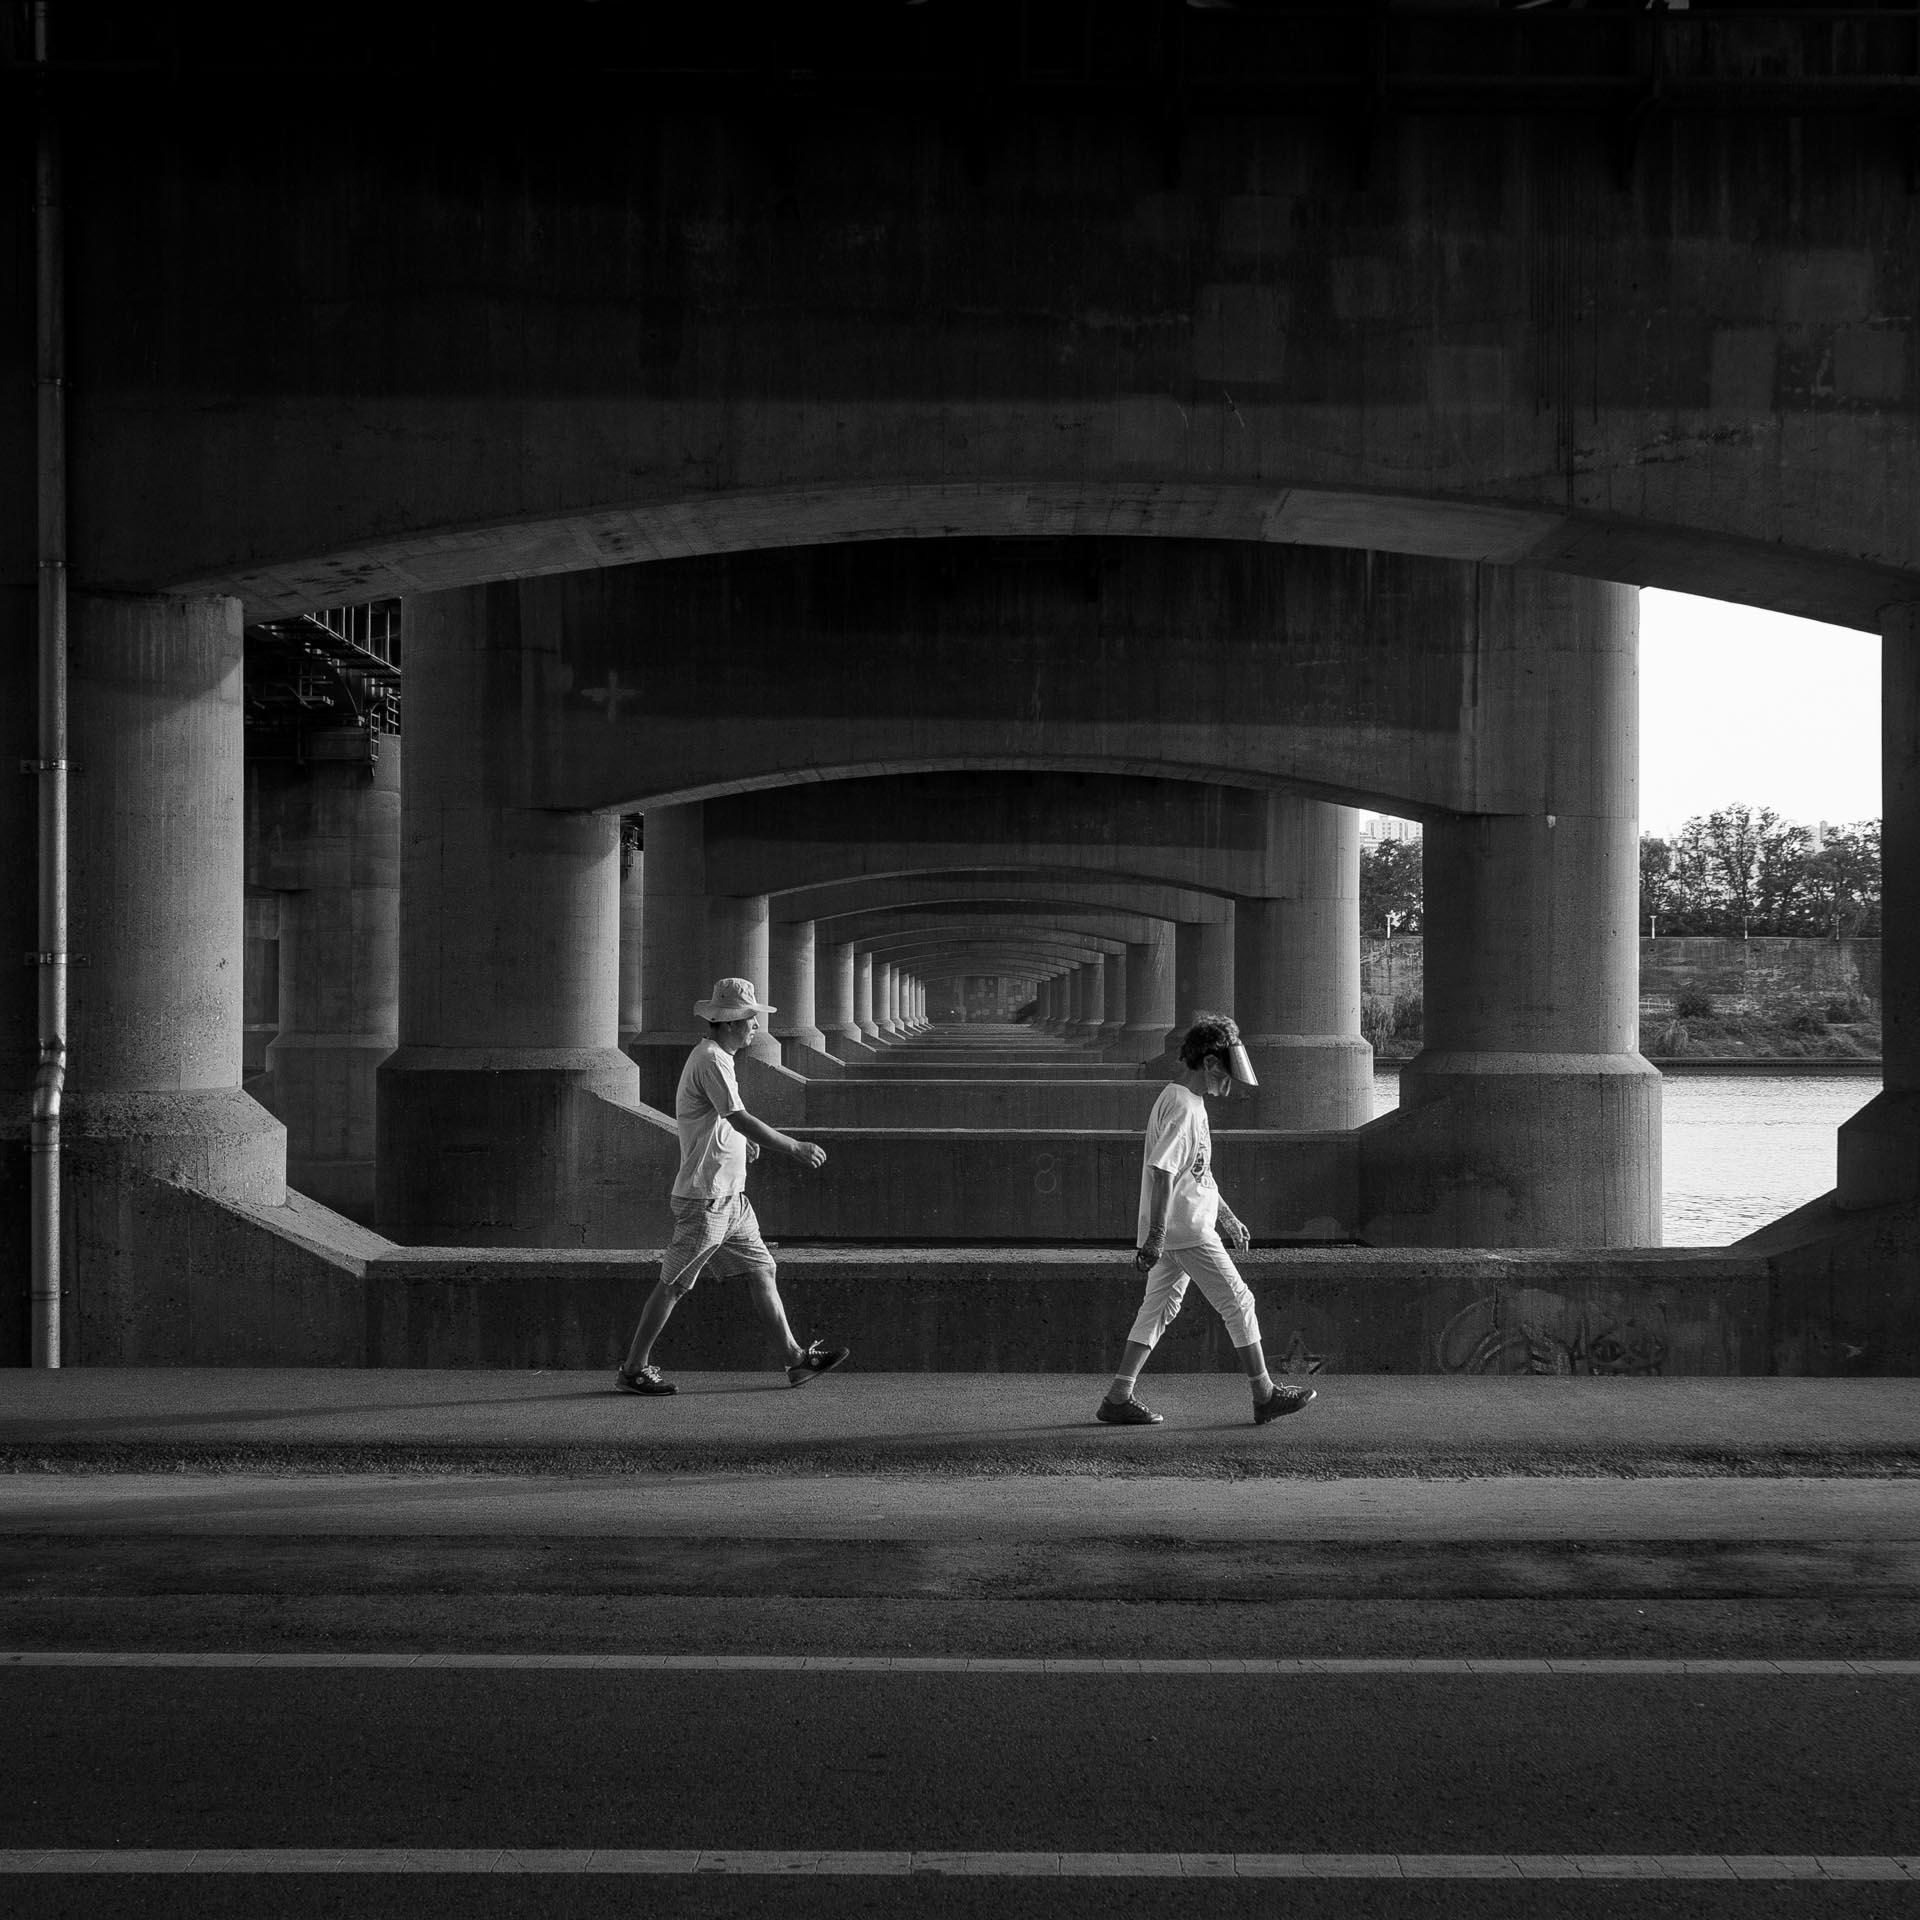 Under a Han River bridge